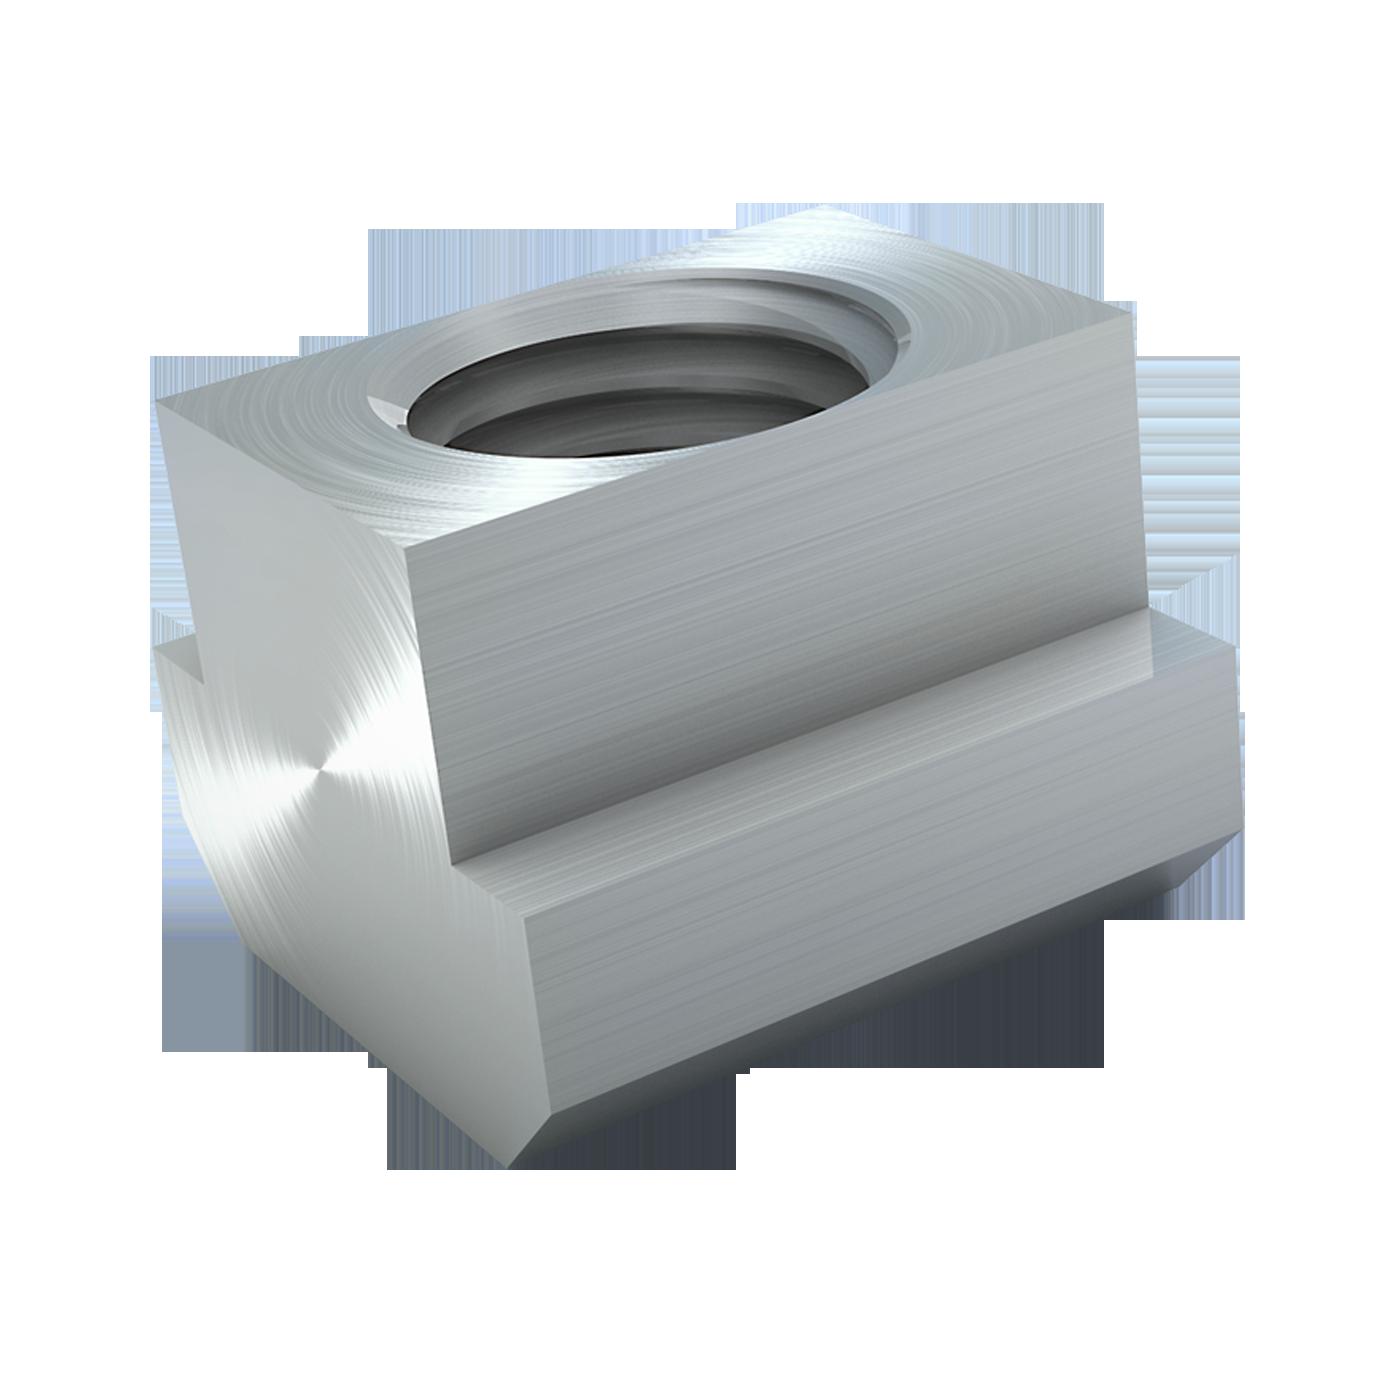 Muttern für T-Nuten oder T-Nuten-Steine von mbo Oßwald nach DIN 508 werden in Material Stahl und Edelstahl angeboten.